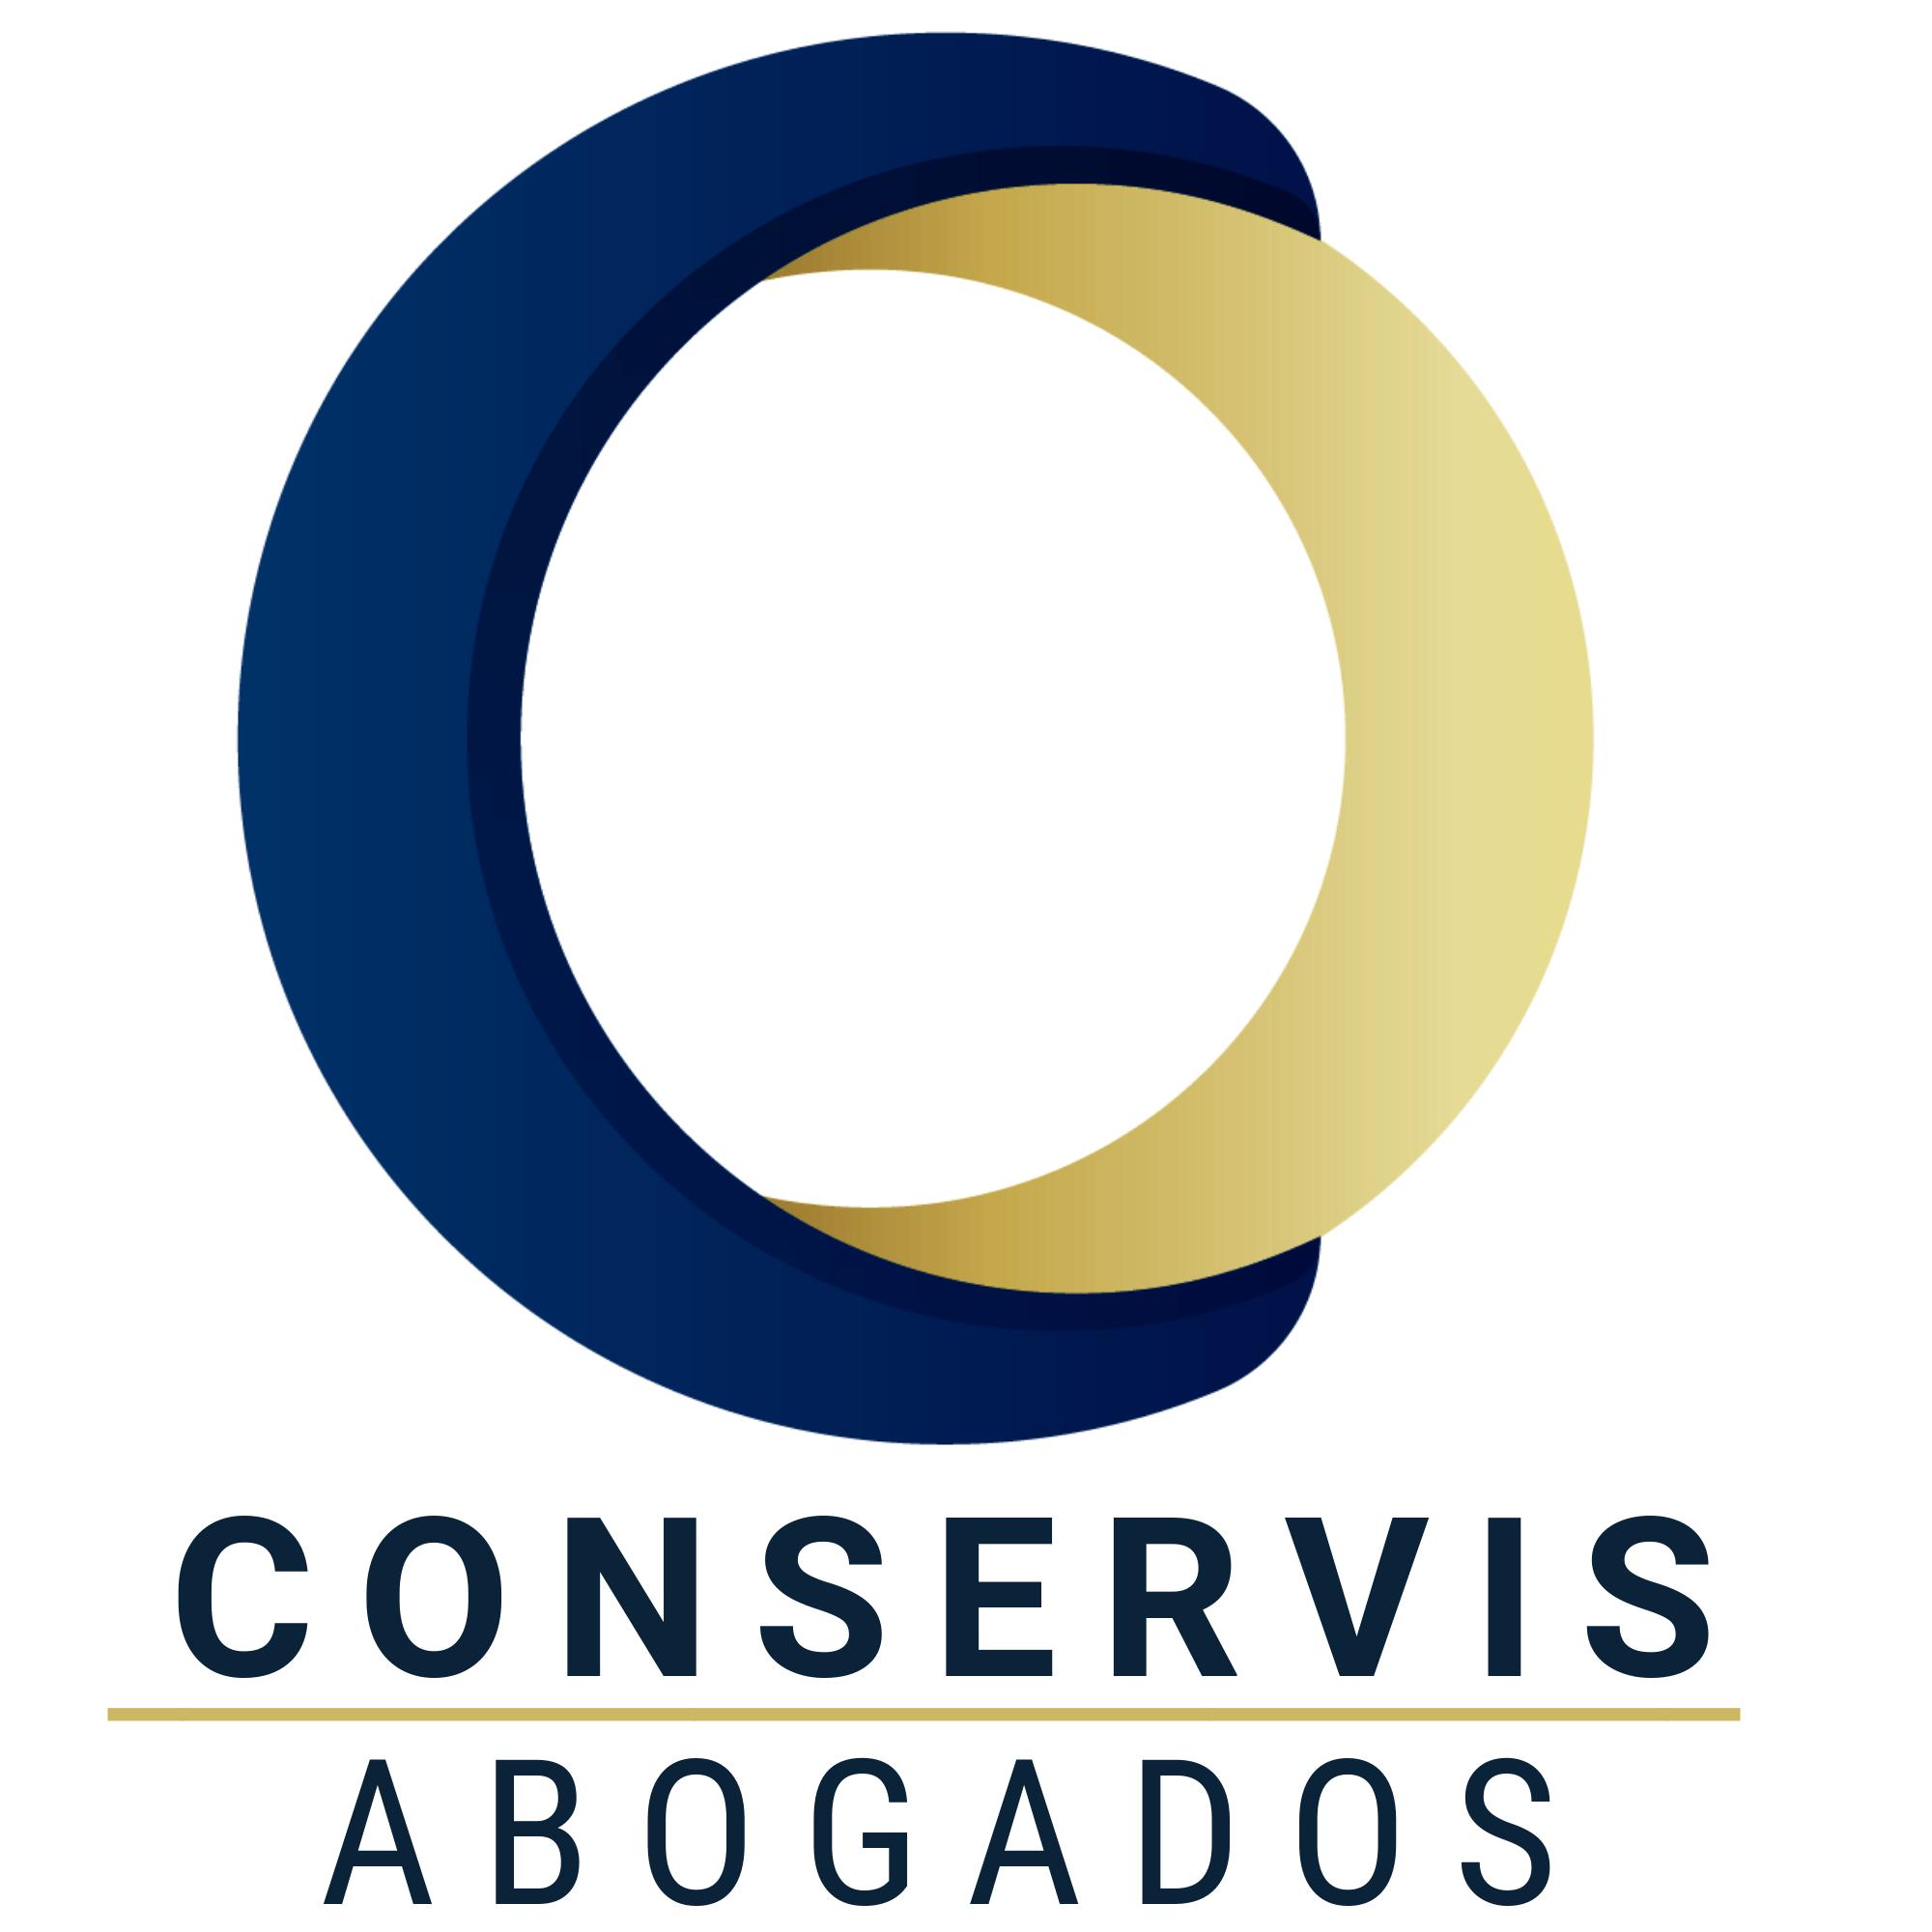 Conservis Abogados